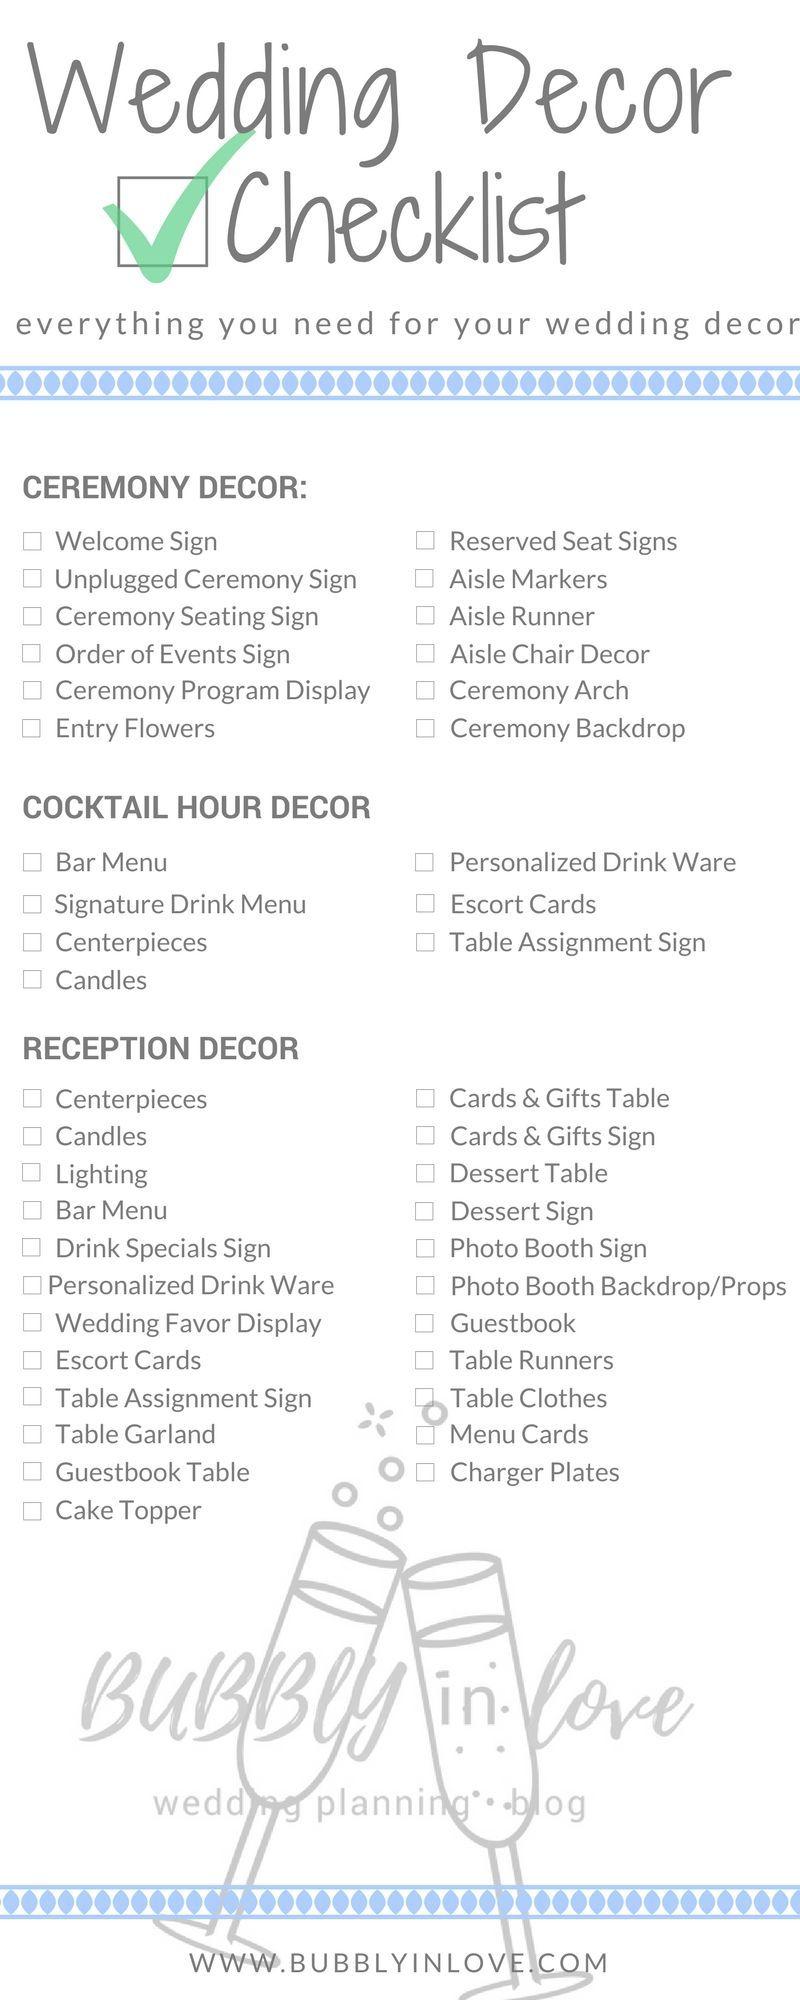 Checkliste für Hochzeitsdekorationen – Alles, was Sie zur Planung Ihrer Hochzeitsdekoration benötigen   – Bryllup